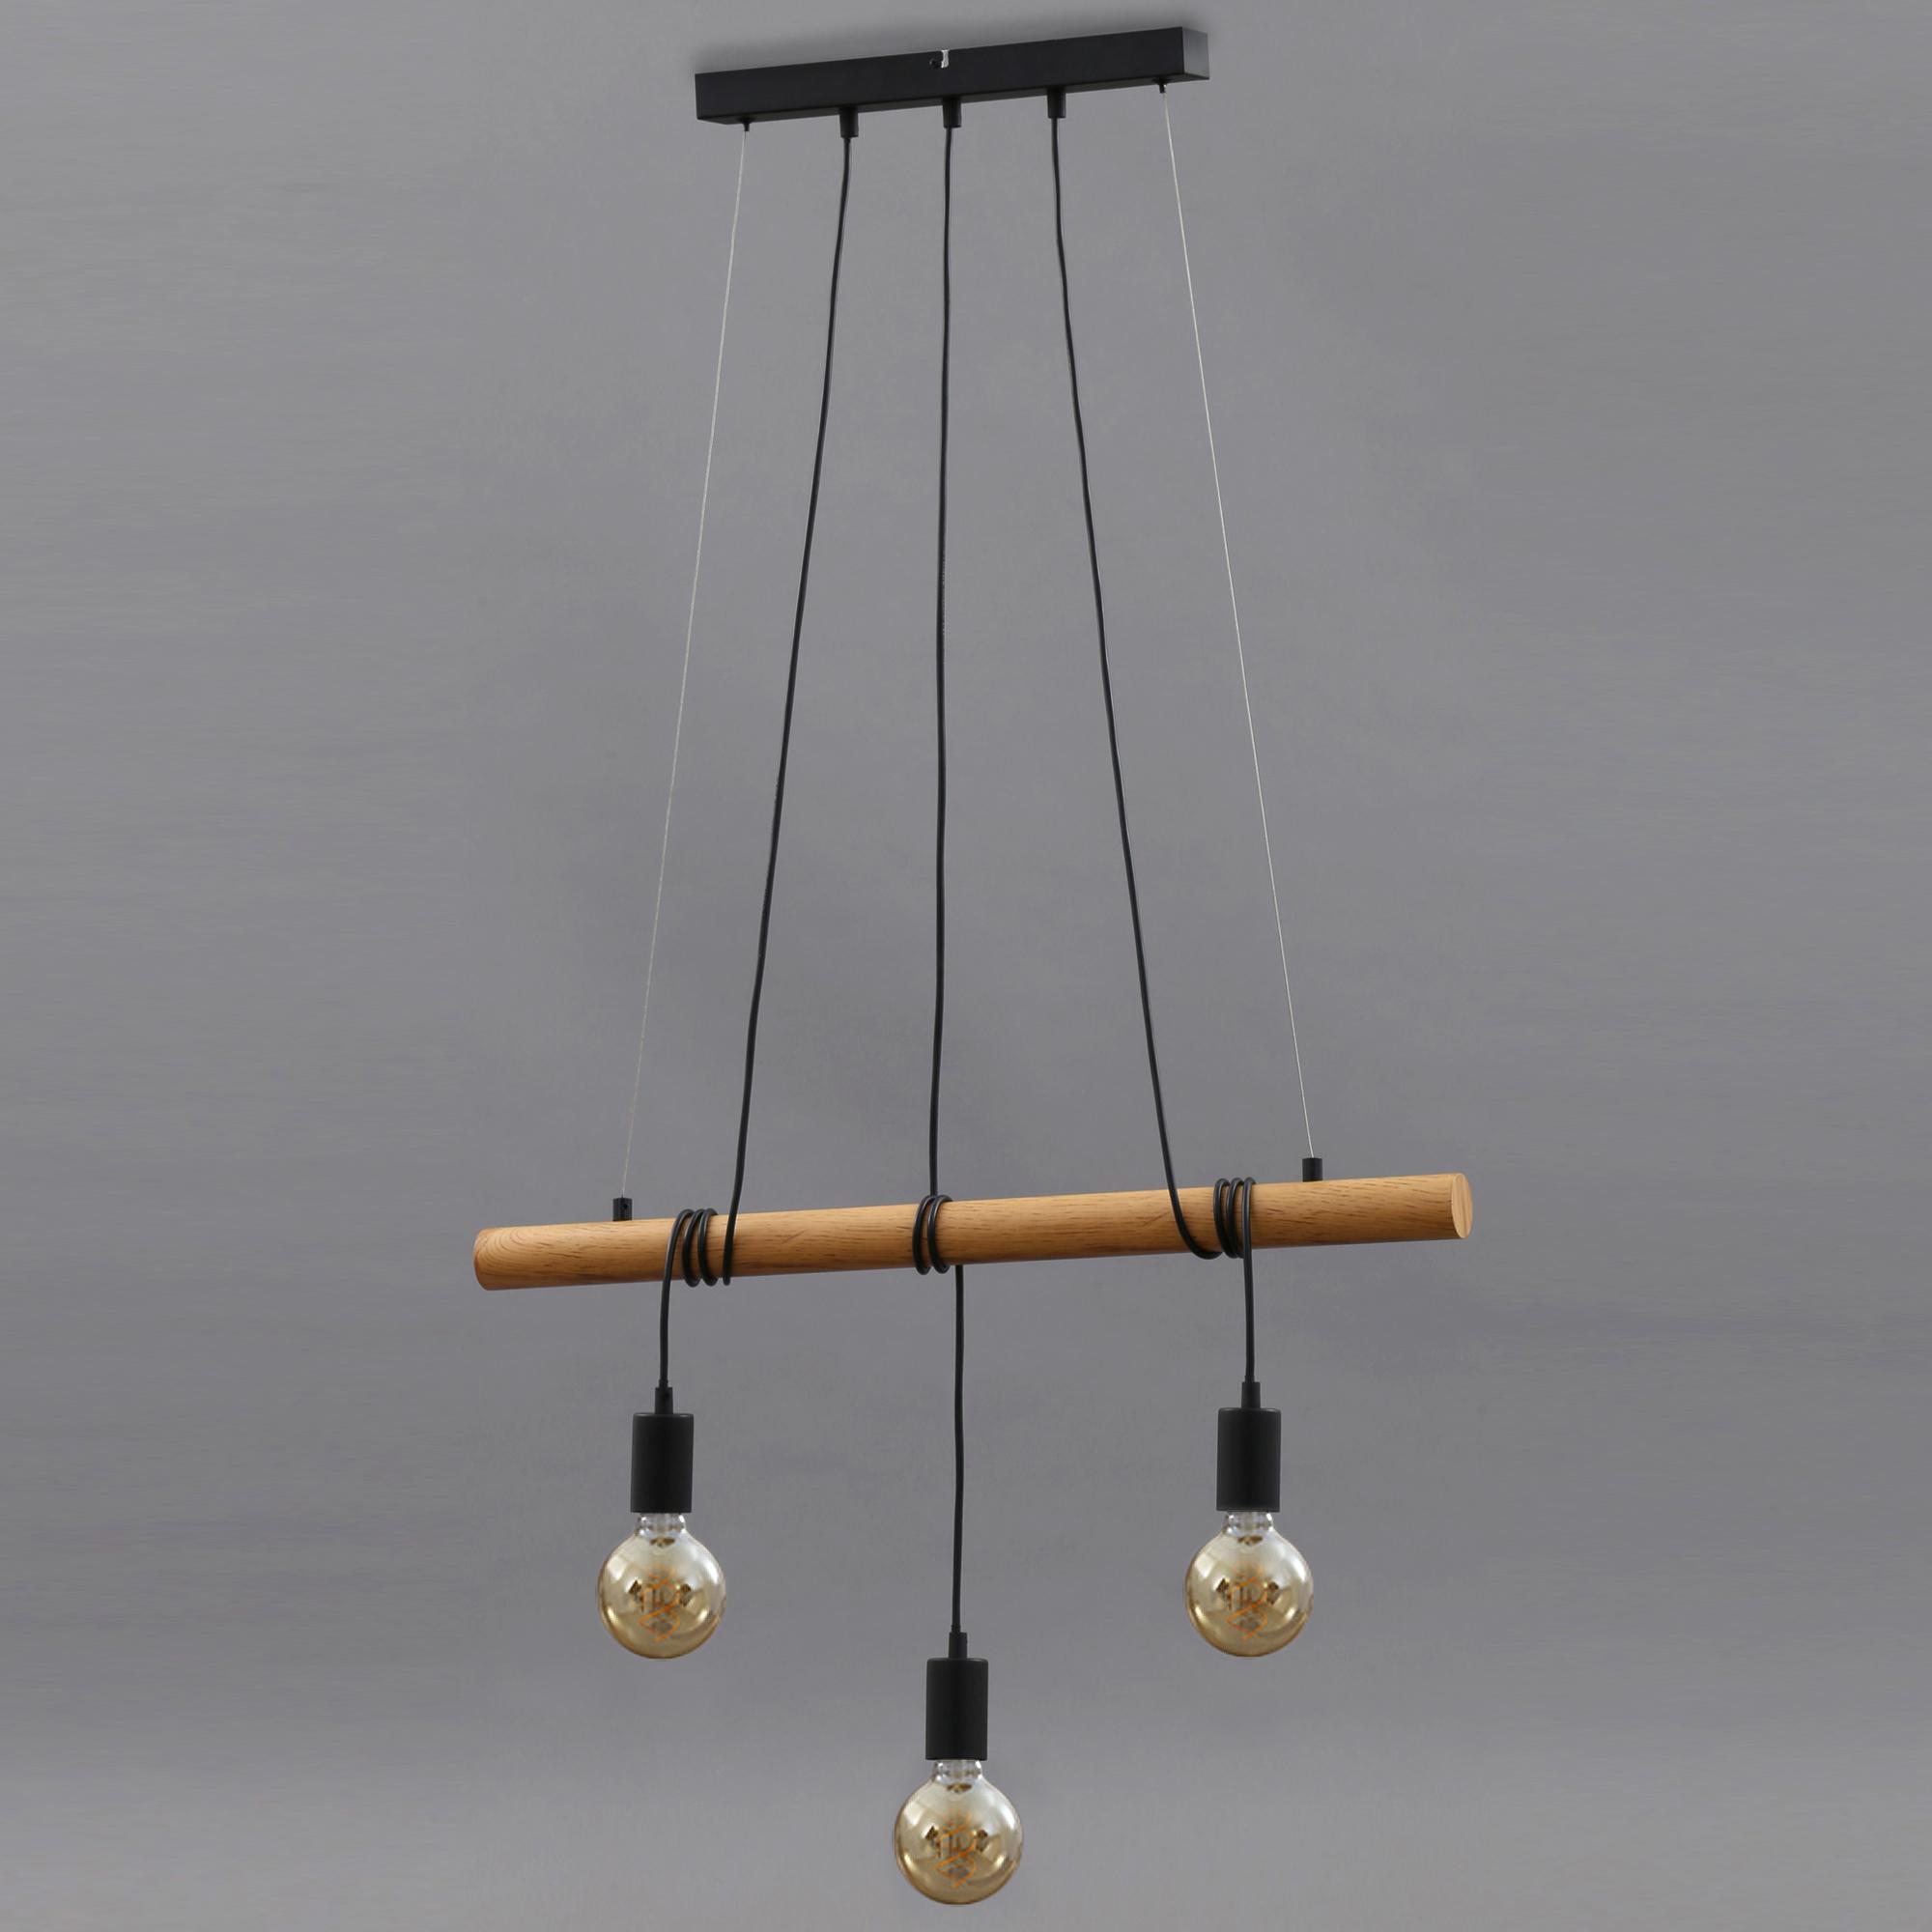 Pendelleuchte, 70 cm, max. 25 W, Holz-Grau